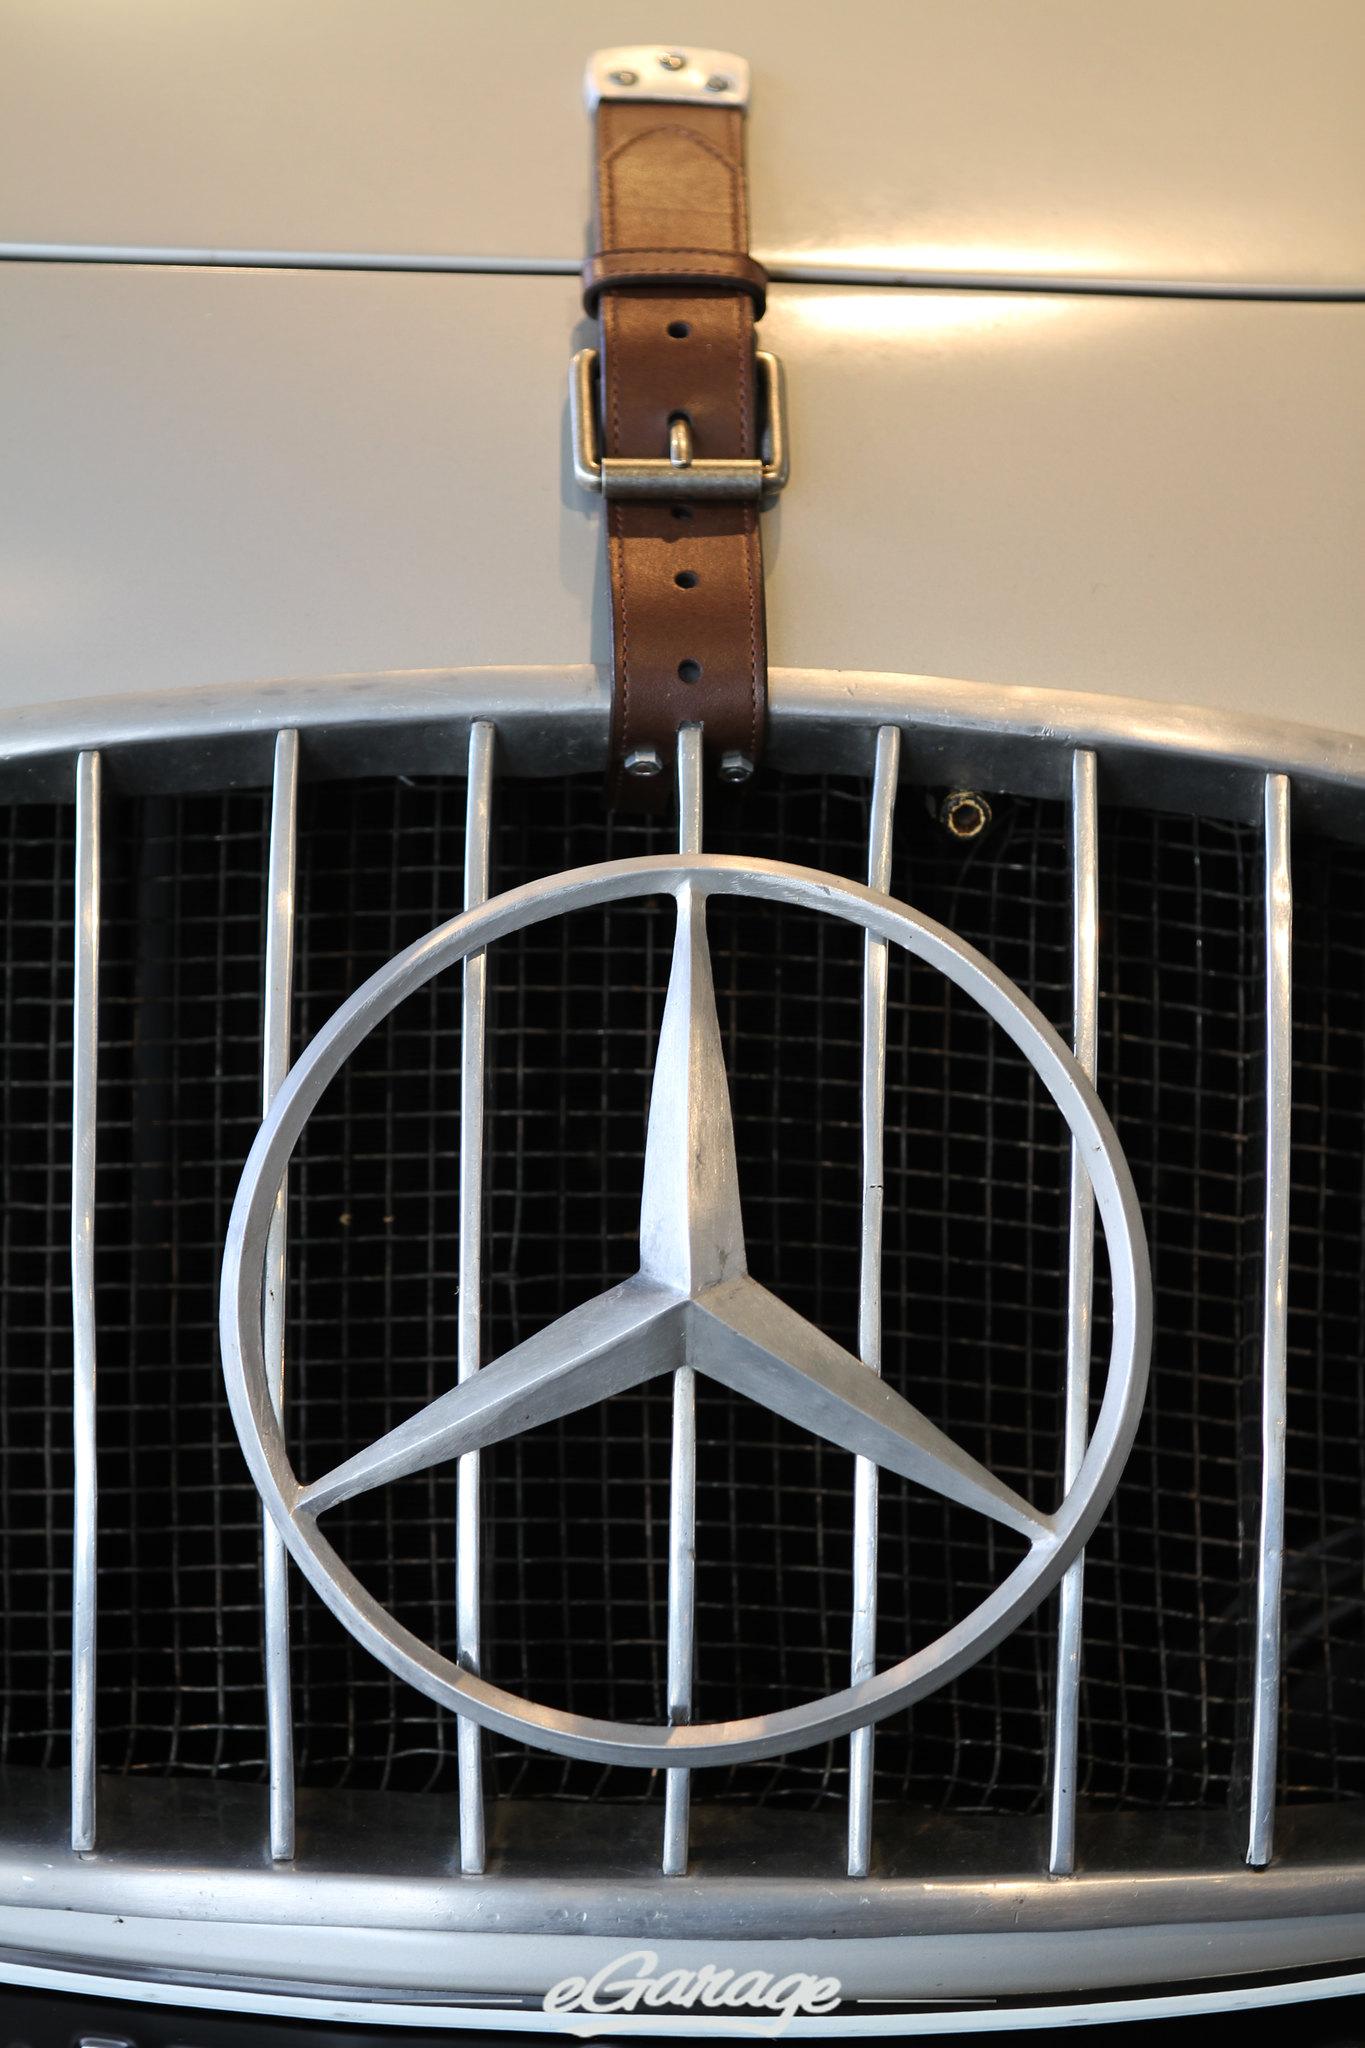 7828744894 d355e20d74 k Mercedes Benz Classic